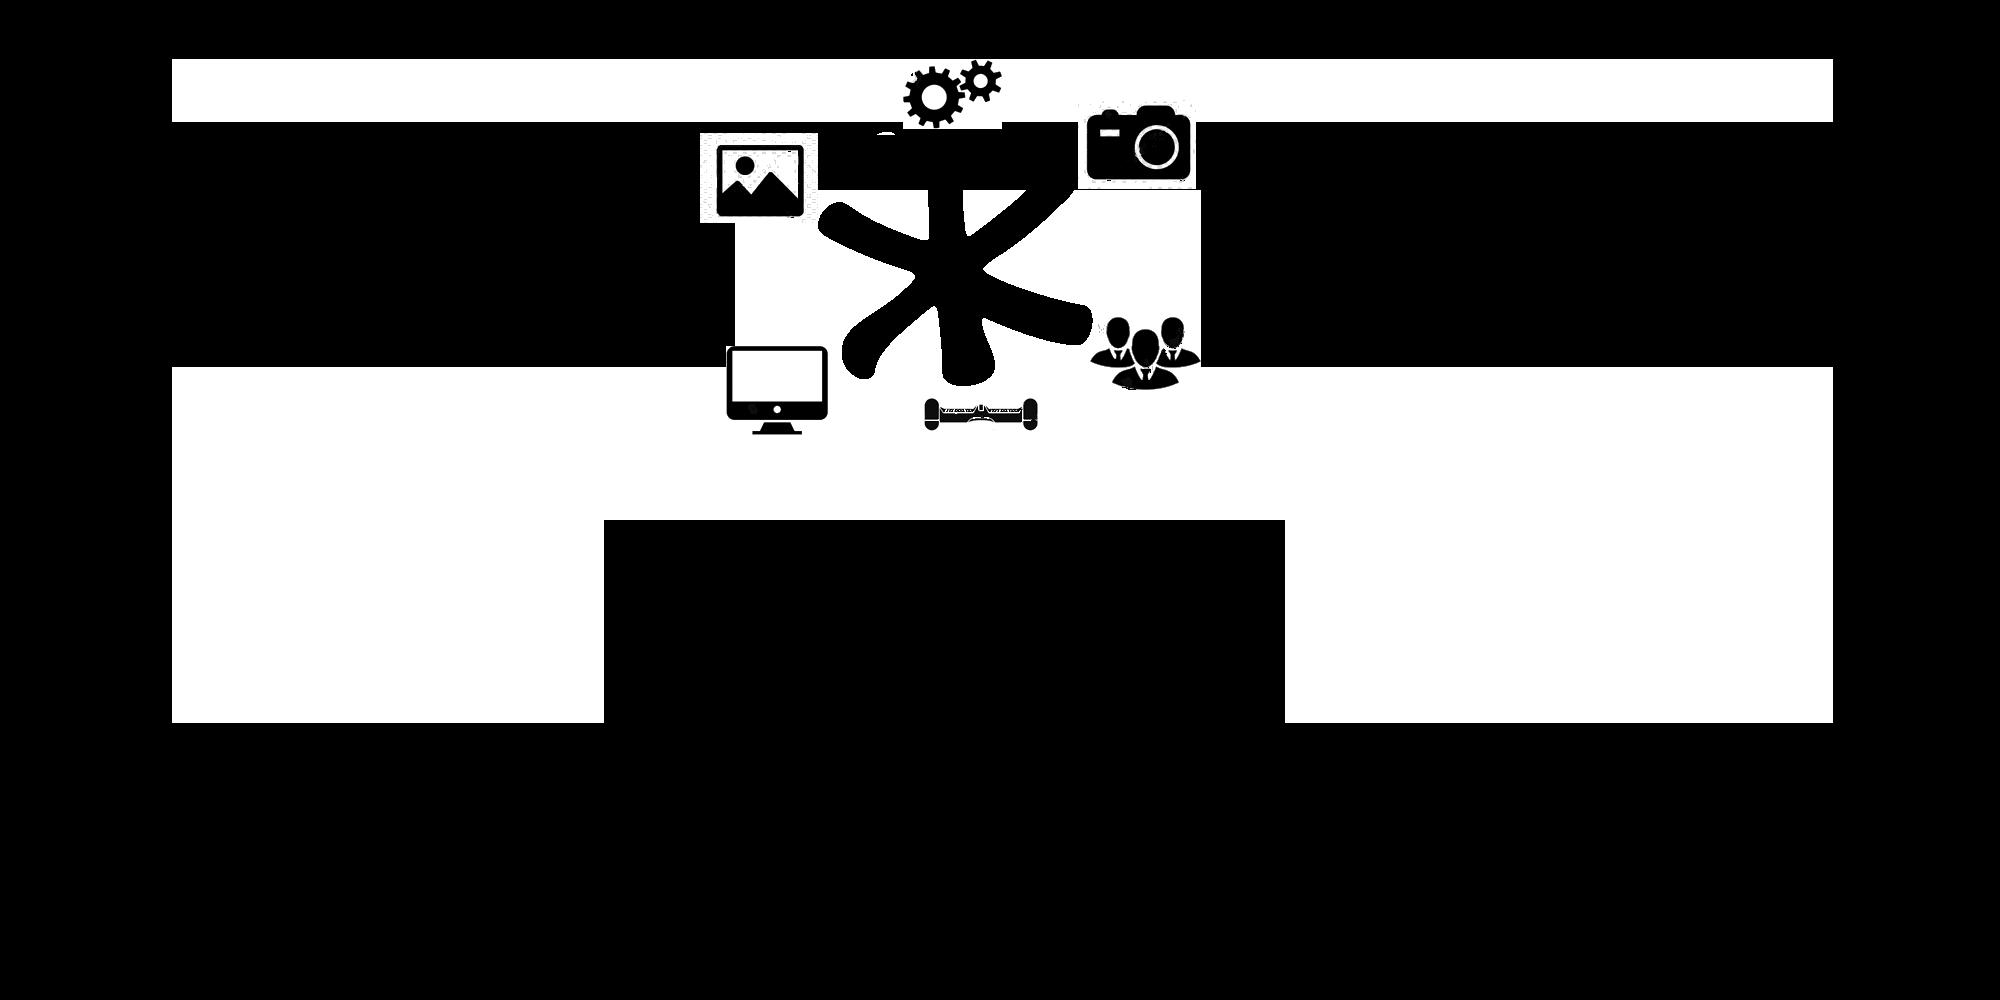 Ре-дизайн (рестайлинг) логотипа компании фото f_4875a92ce0d9e57b.png